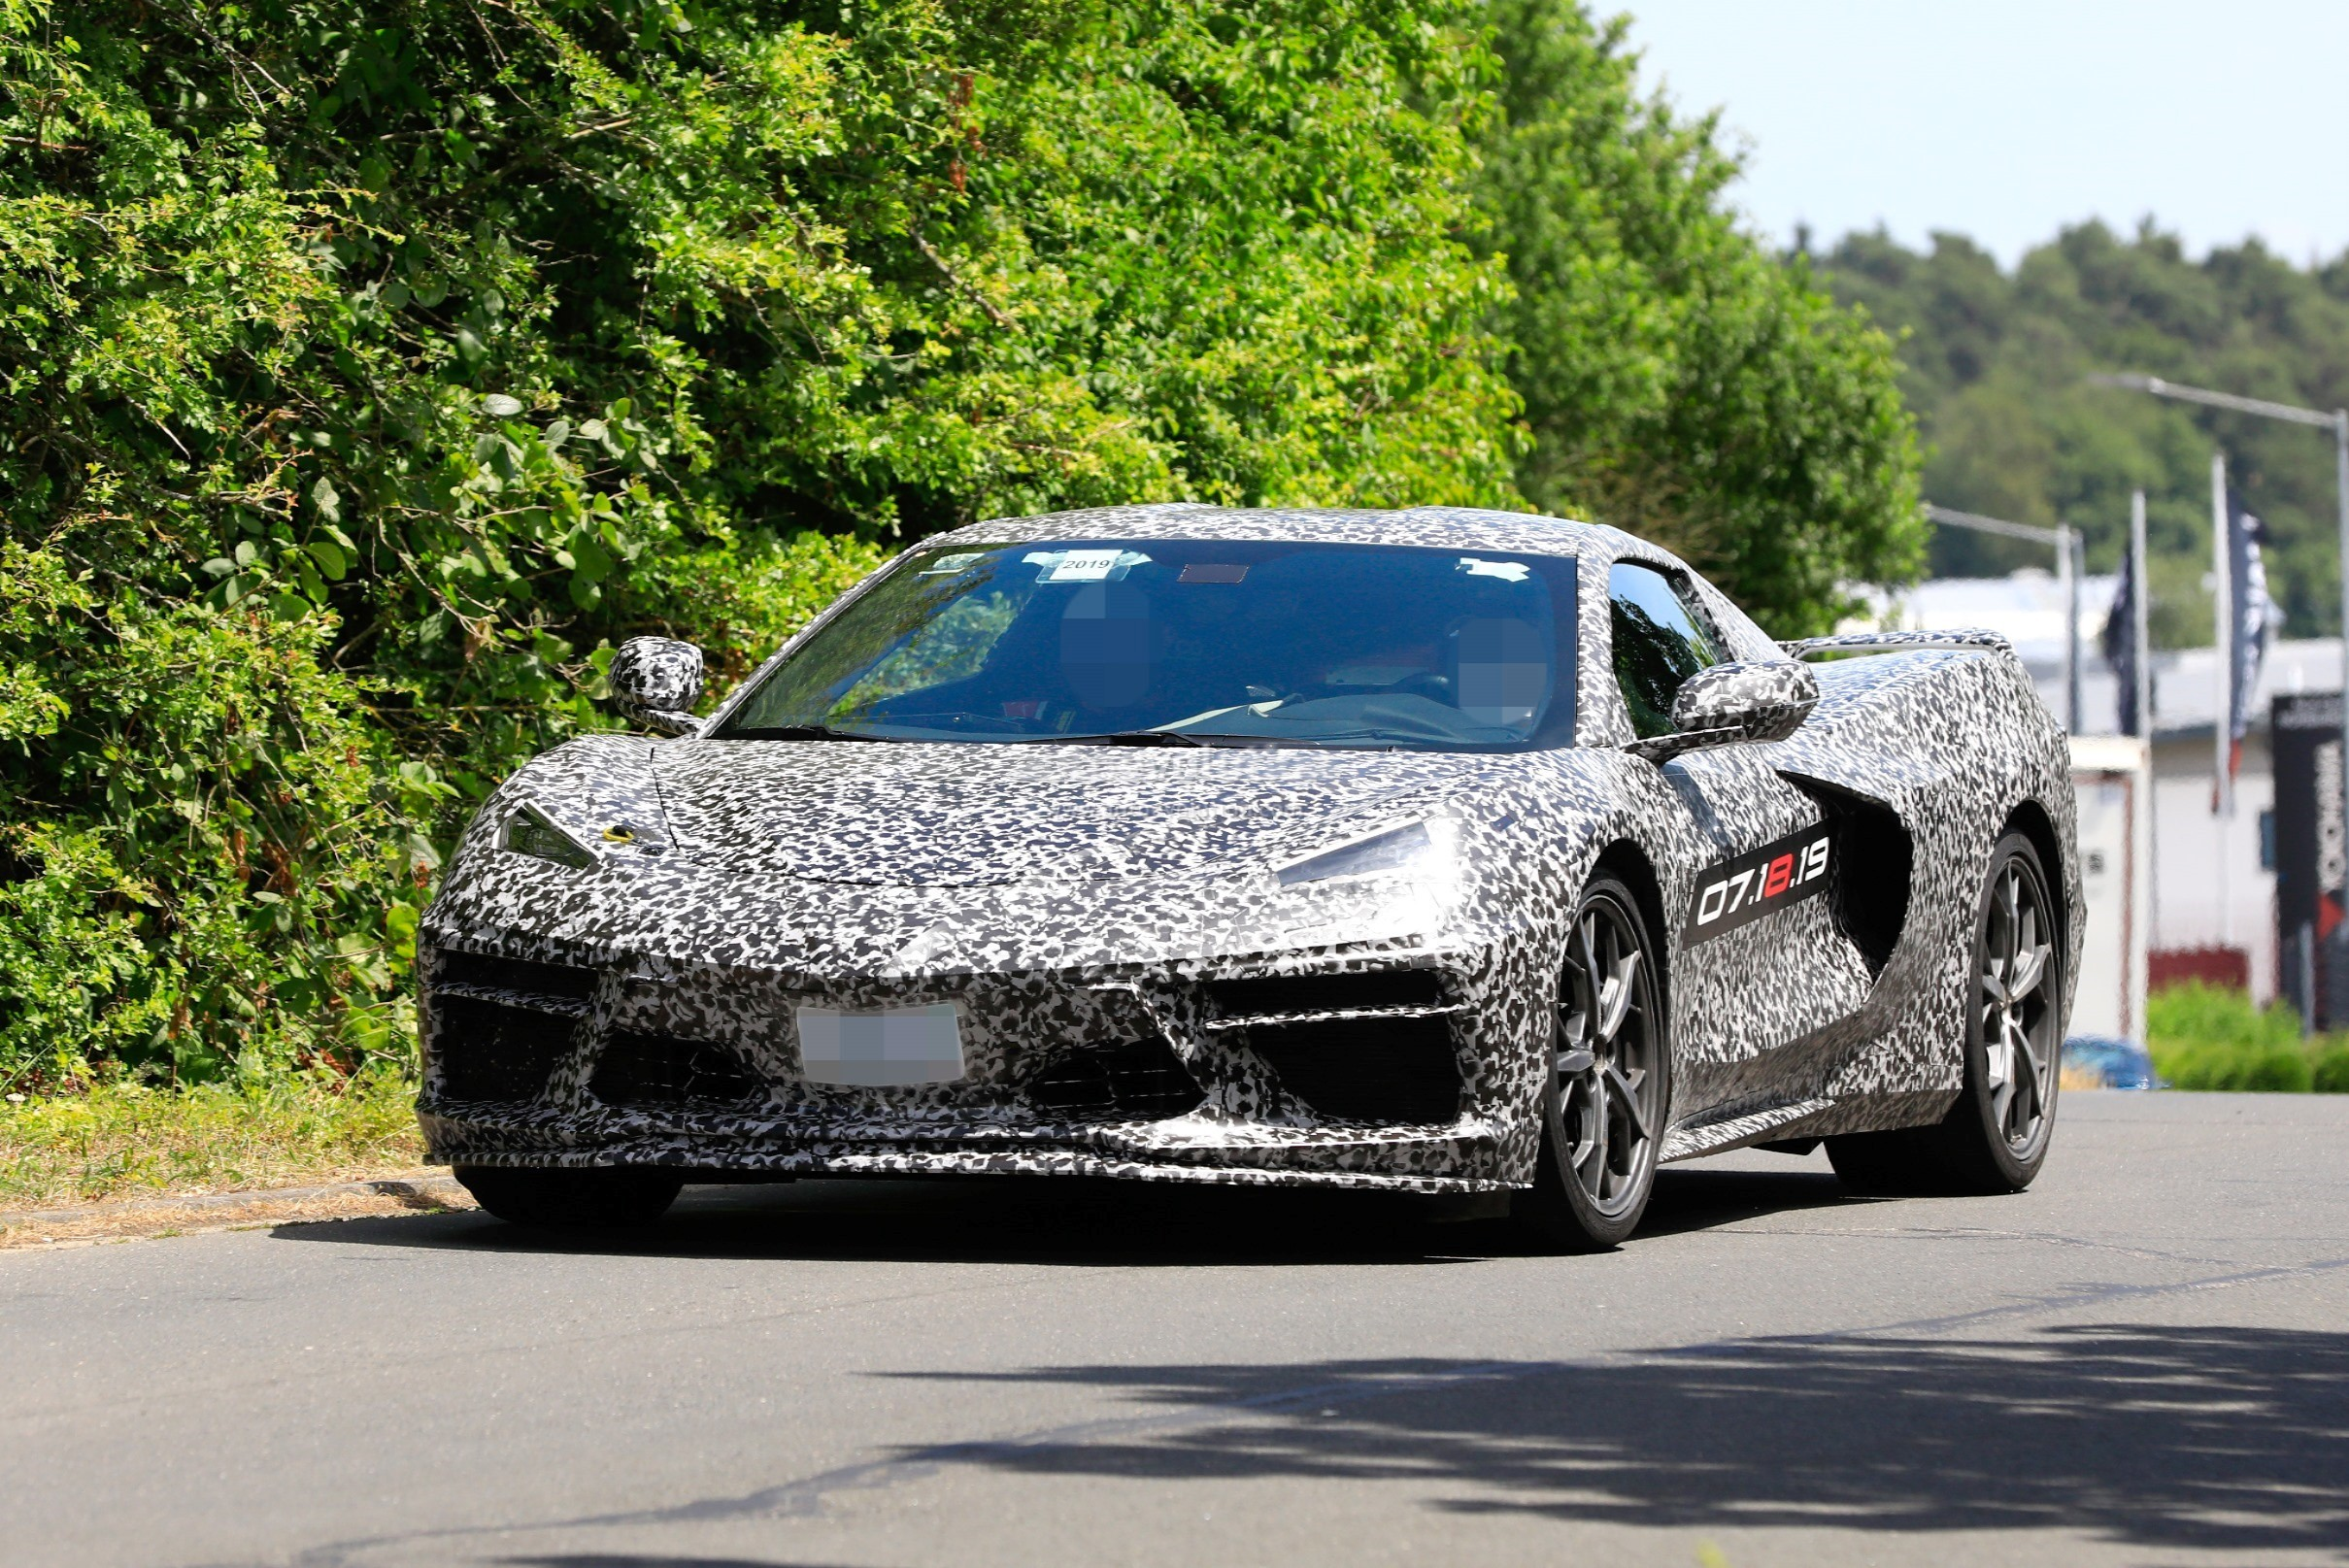 Lt2 V8 Engine In 2020 Chevrolet Corvette Expected To